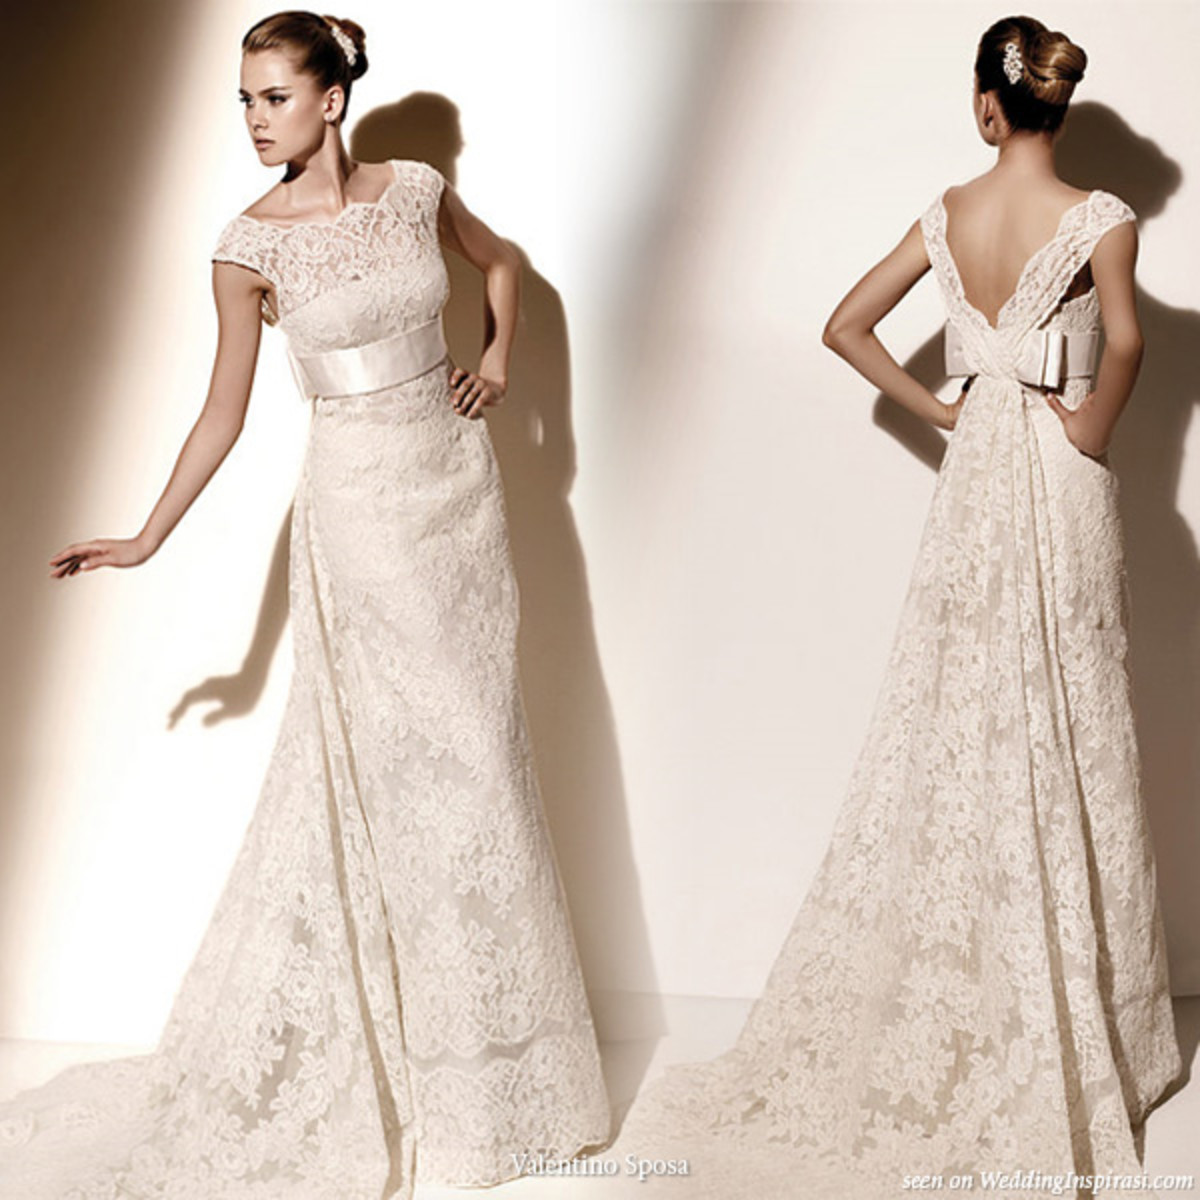 Flattering Wedding Dresses for Skinny Brides | HubPages